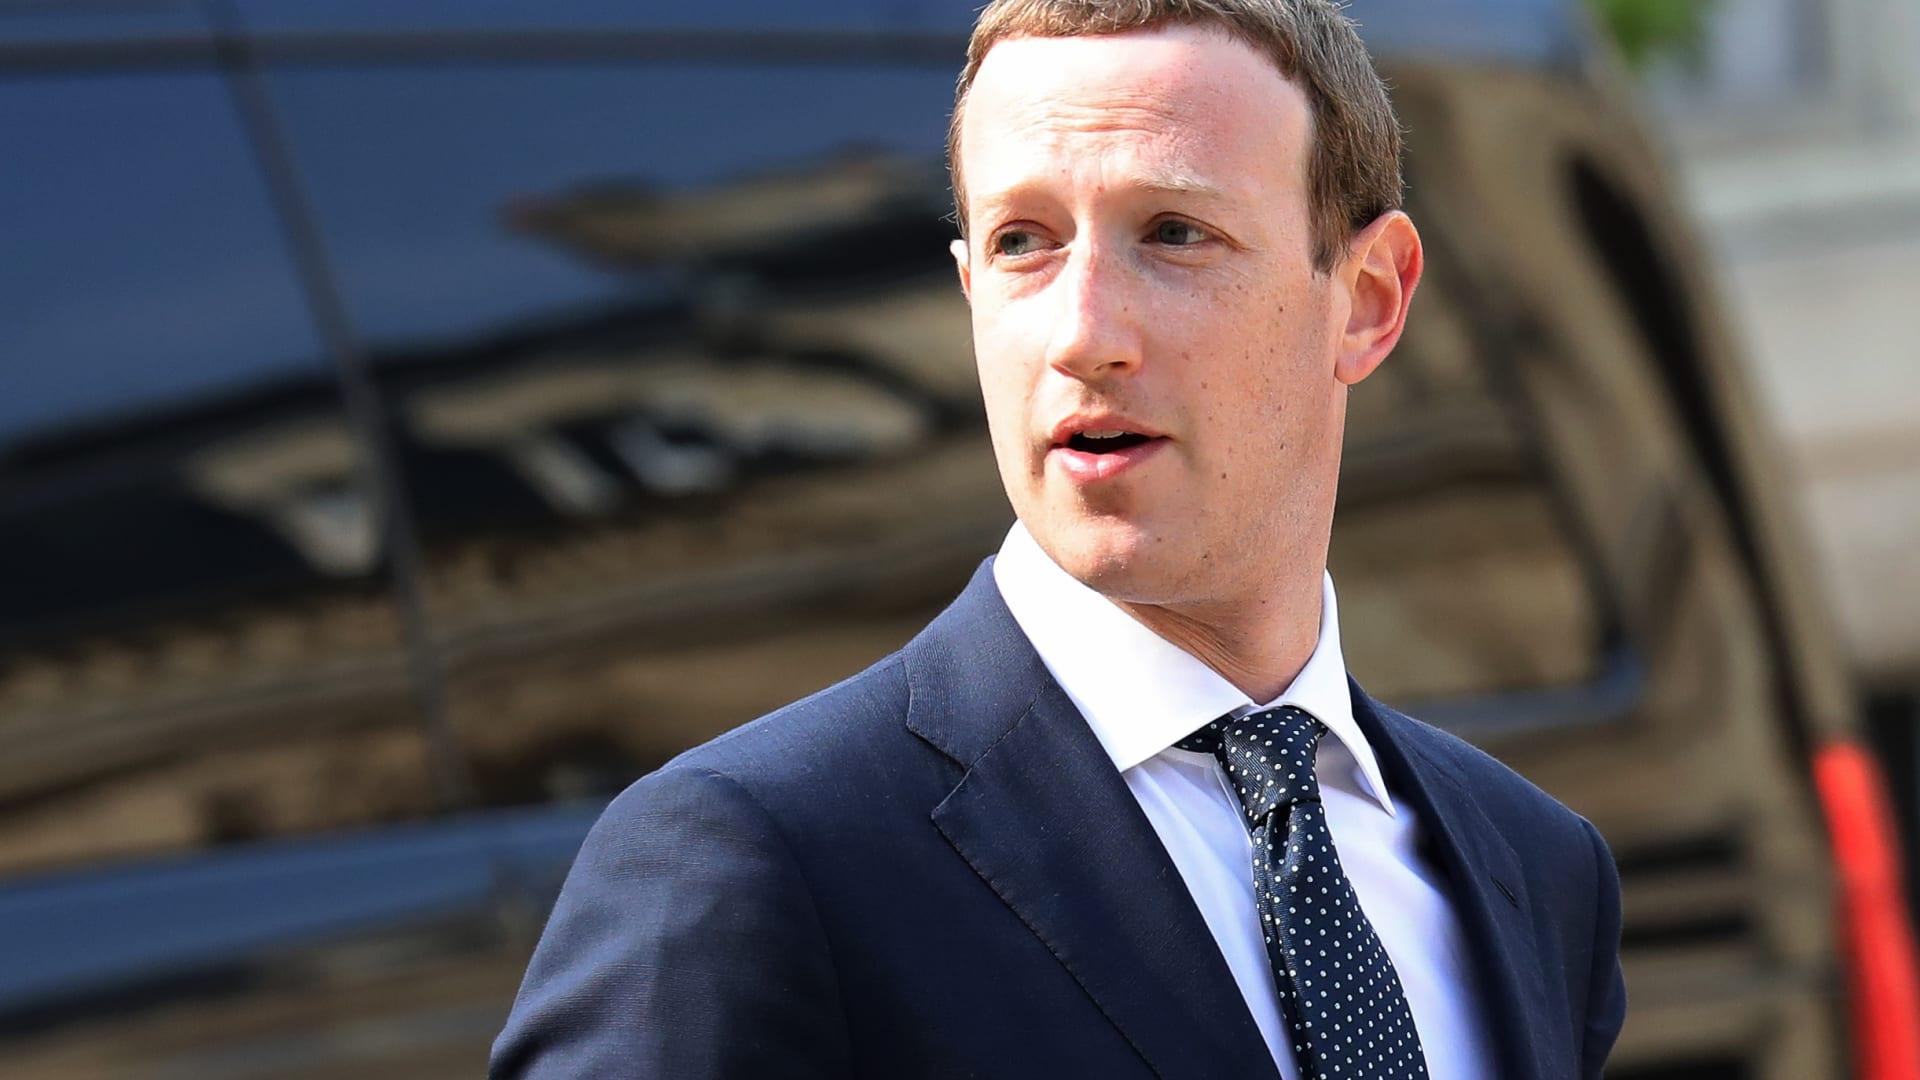 أكثر من 40 ولاية أمريكية تقاضي فيسبوك.. هل حان وقت تفكيك عملاق وسائل التواصل الاجتماعي؟